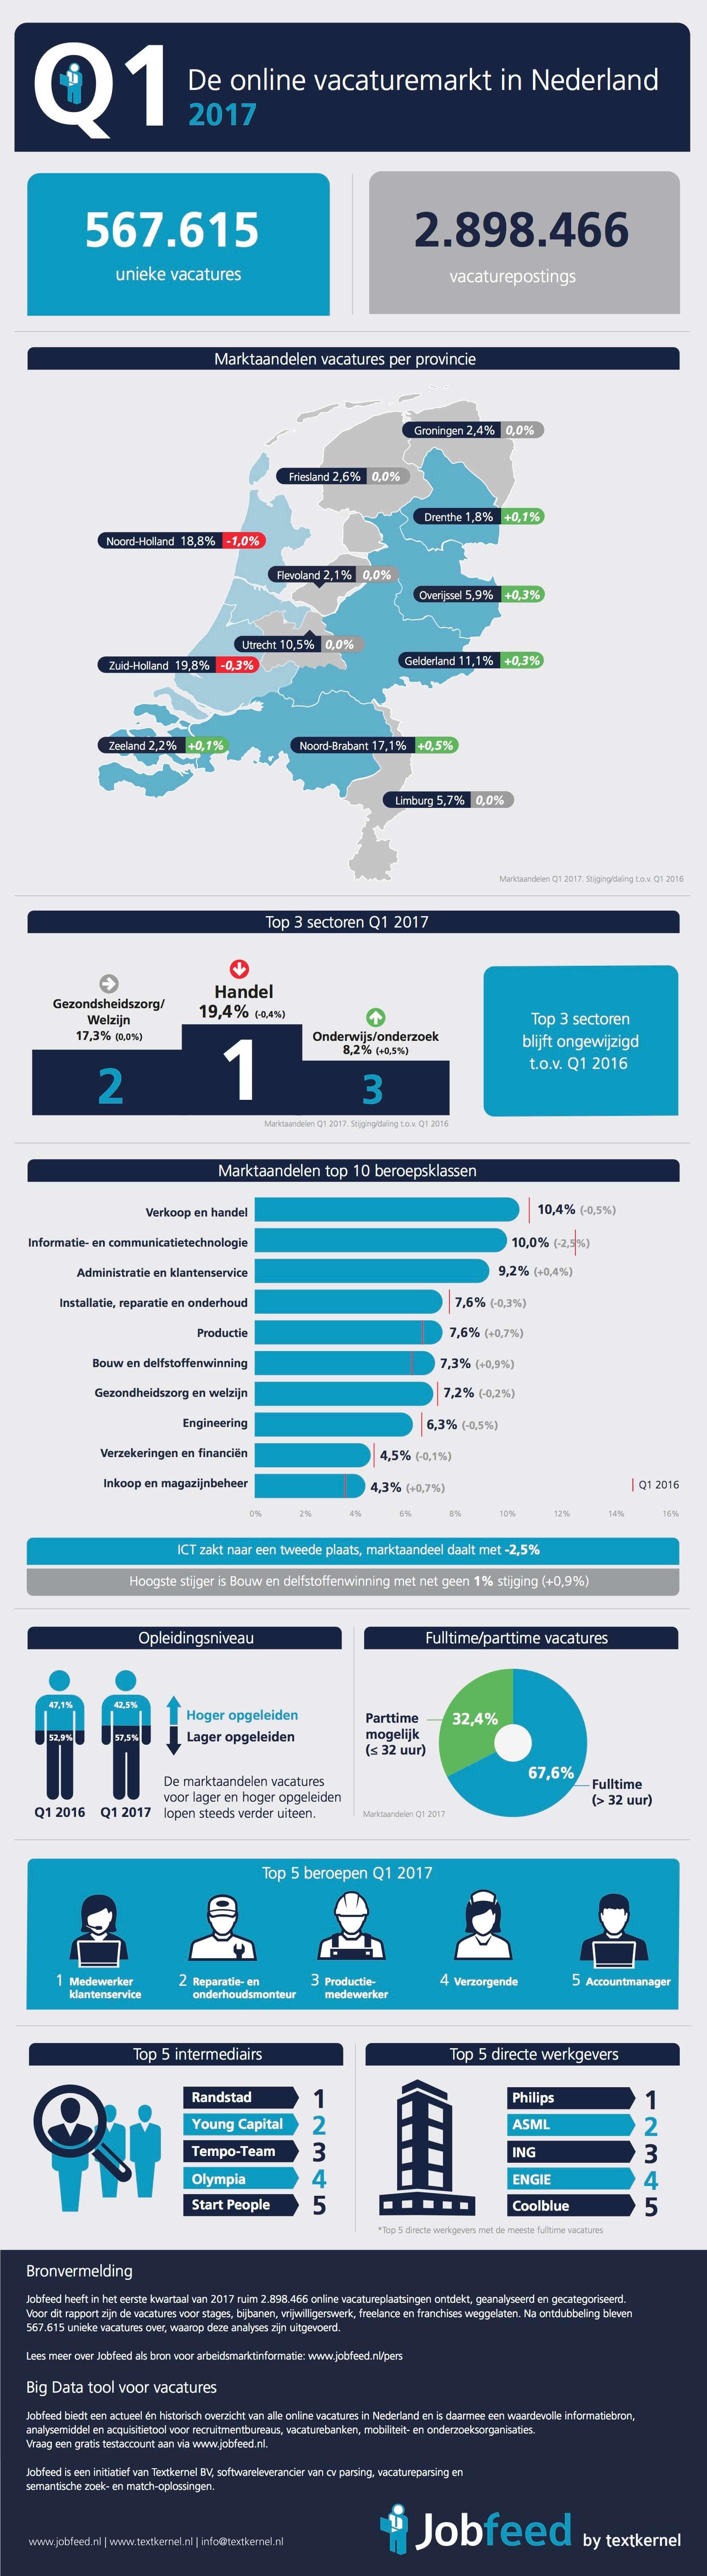 Infographic de Nederlandse online vacaturemarkt Q1 2017. Bron Jobfeed